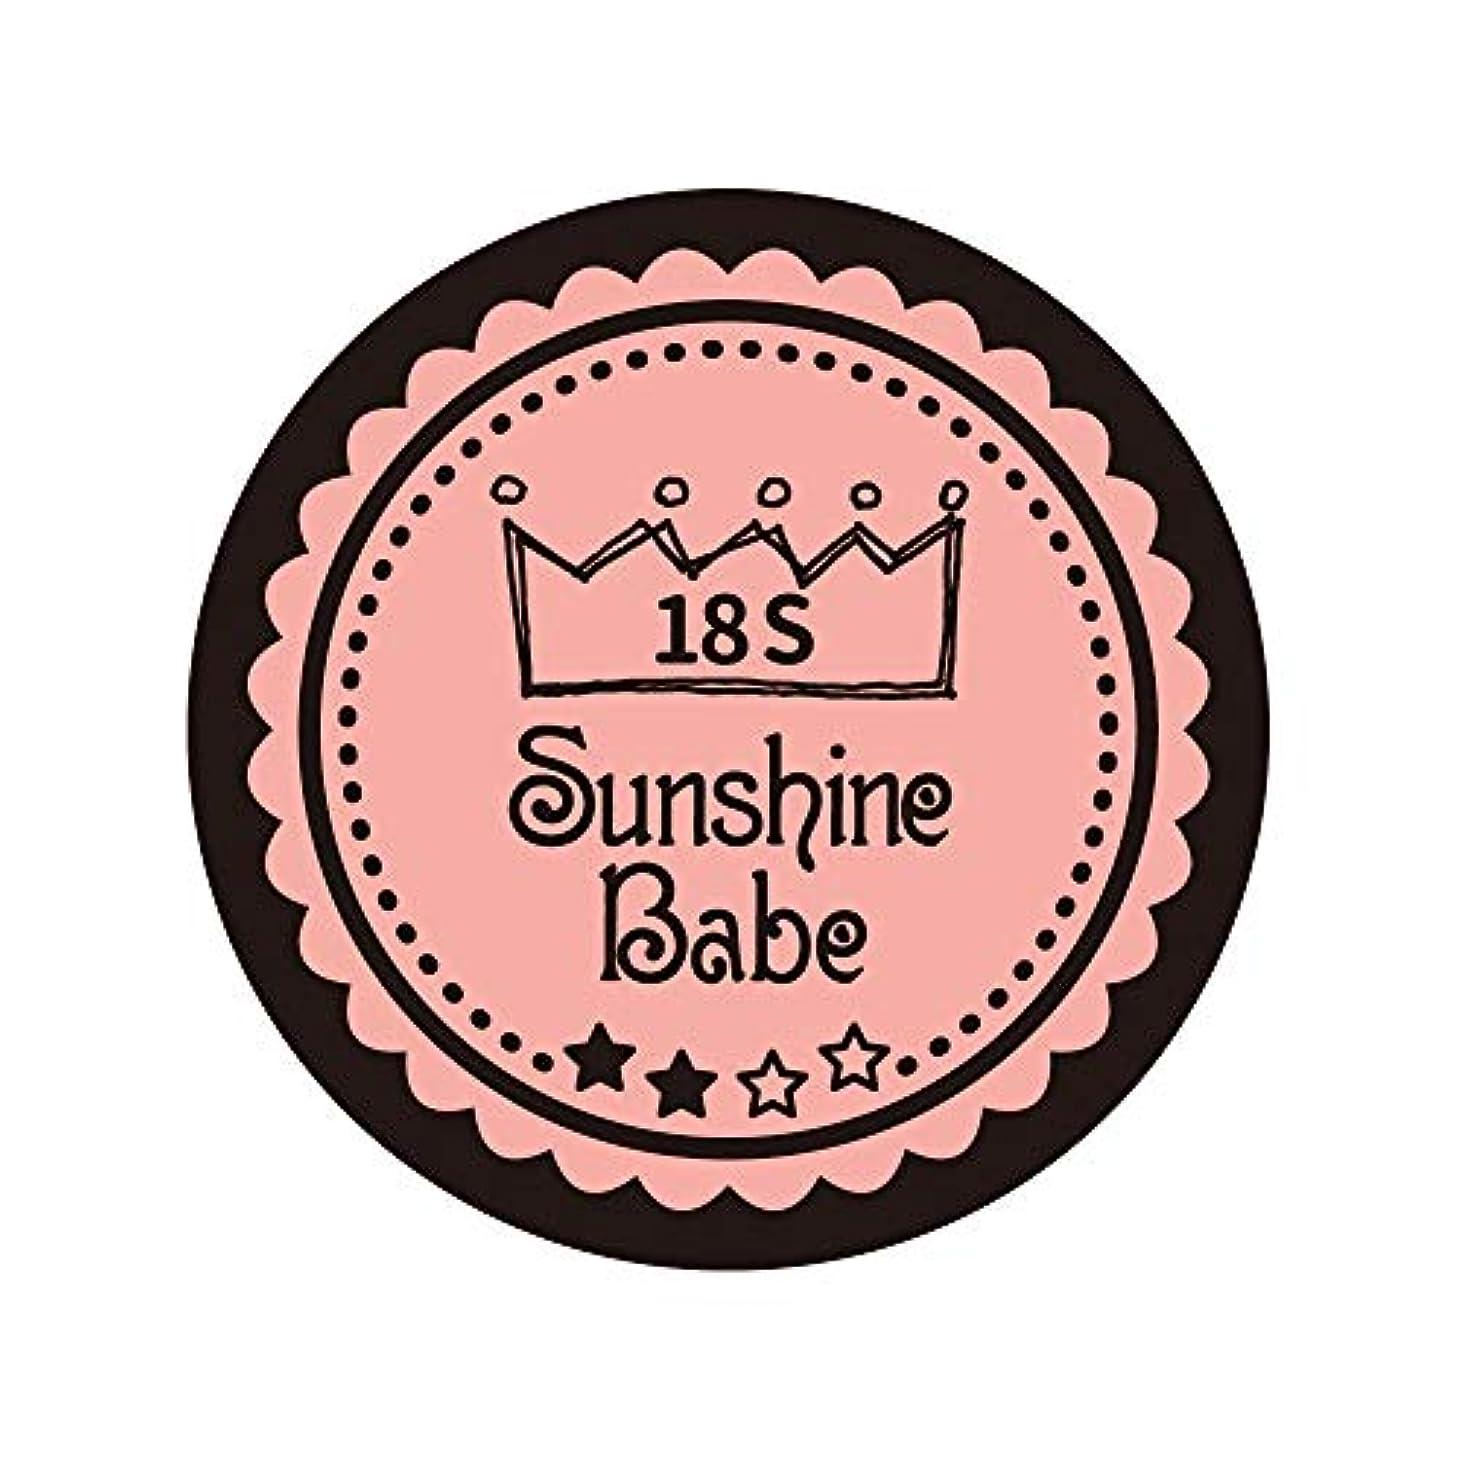 妖精アドバンテージ犠牲Sunshine Babe カラージェル 18S ロマンティックベリー 2.7g UV/LED対応